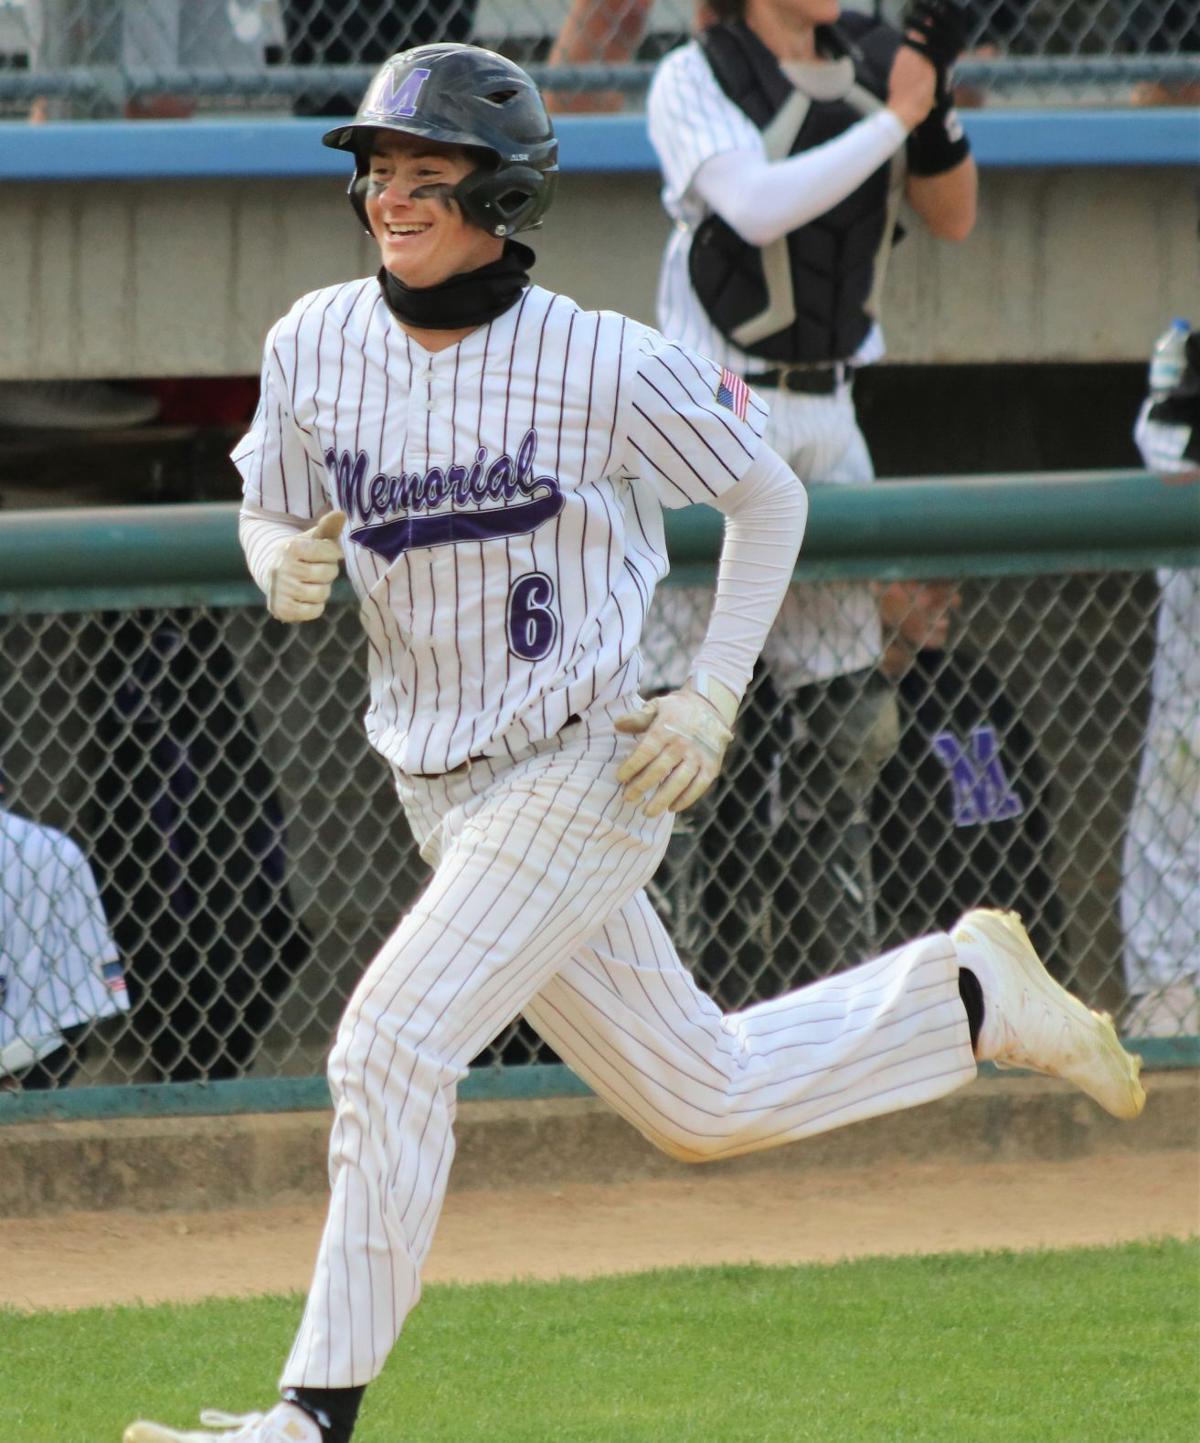 Hudson at Eau Claire Memorial baseball